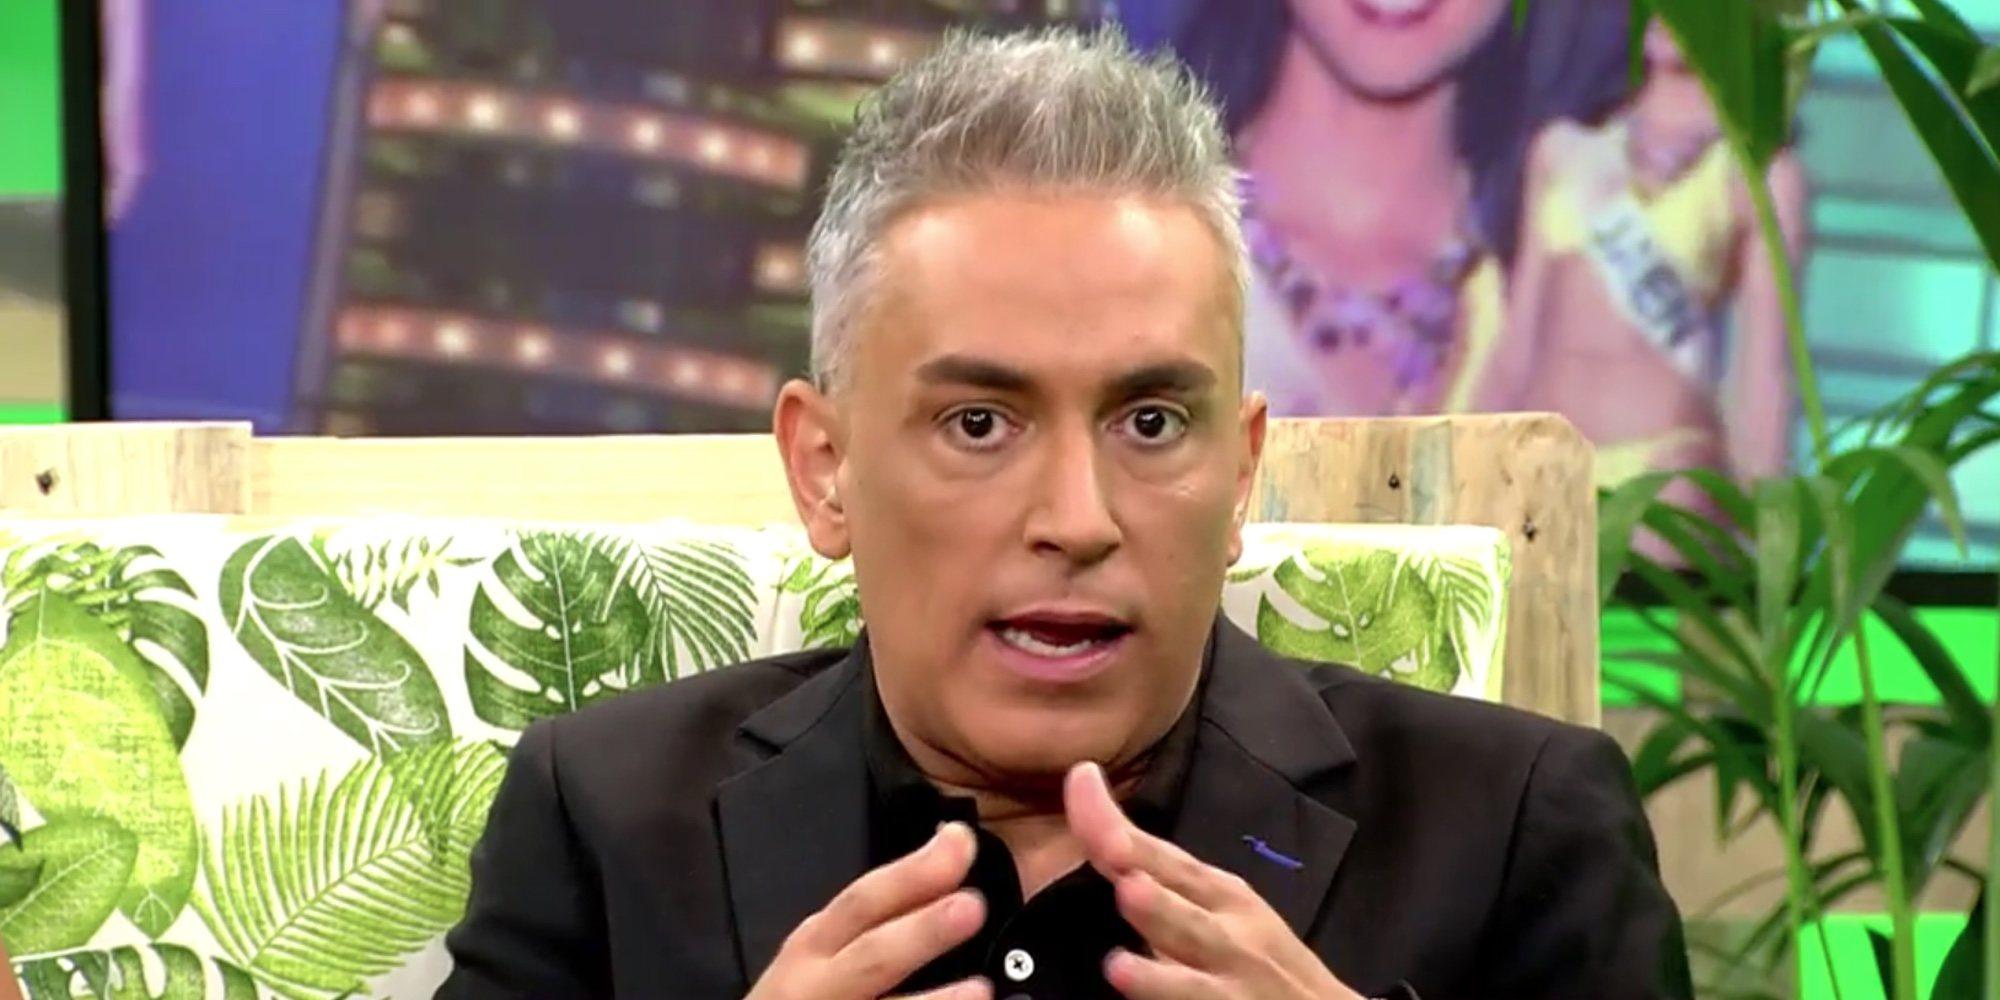 """Kiko Hernández ataca a María Jesús Ruiz: """"Has sido una desagradecida con este programa y con nosotros"""""""